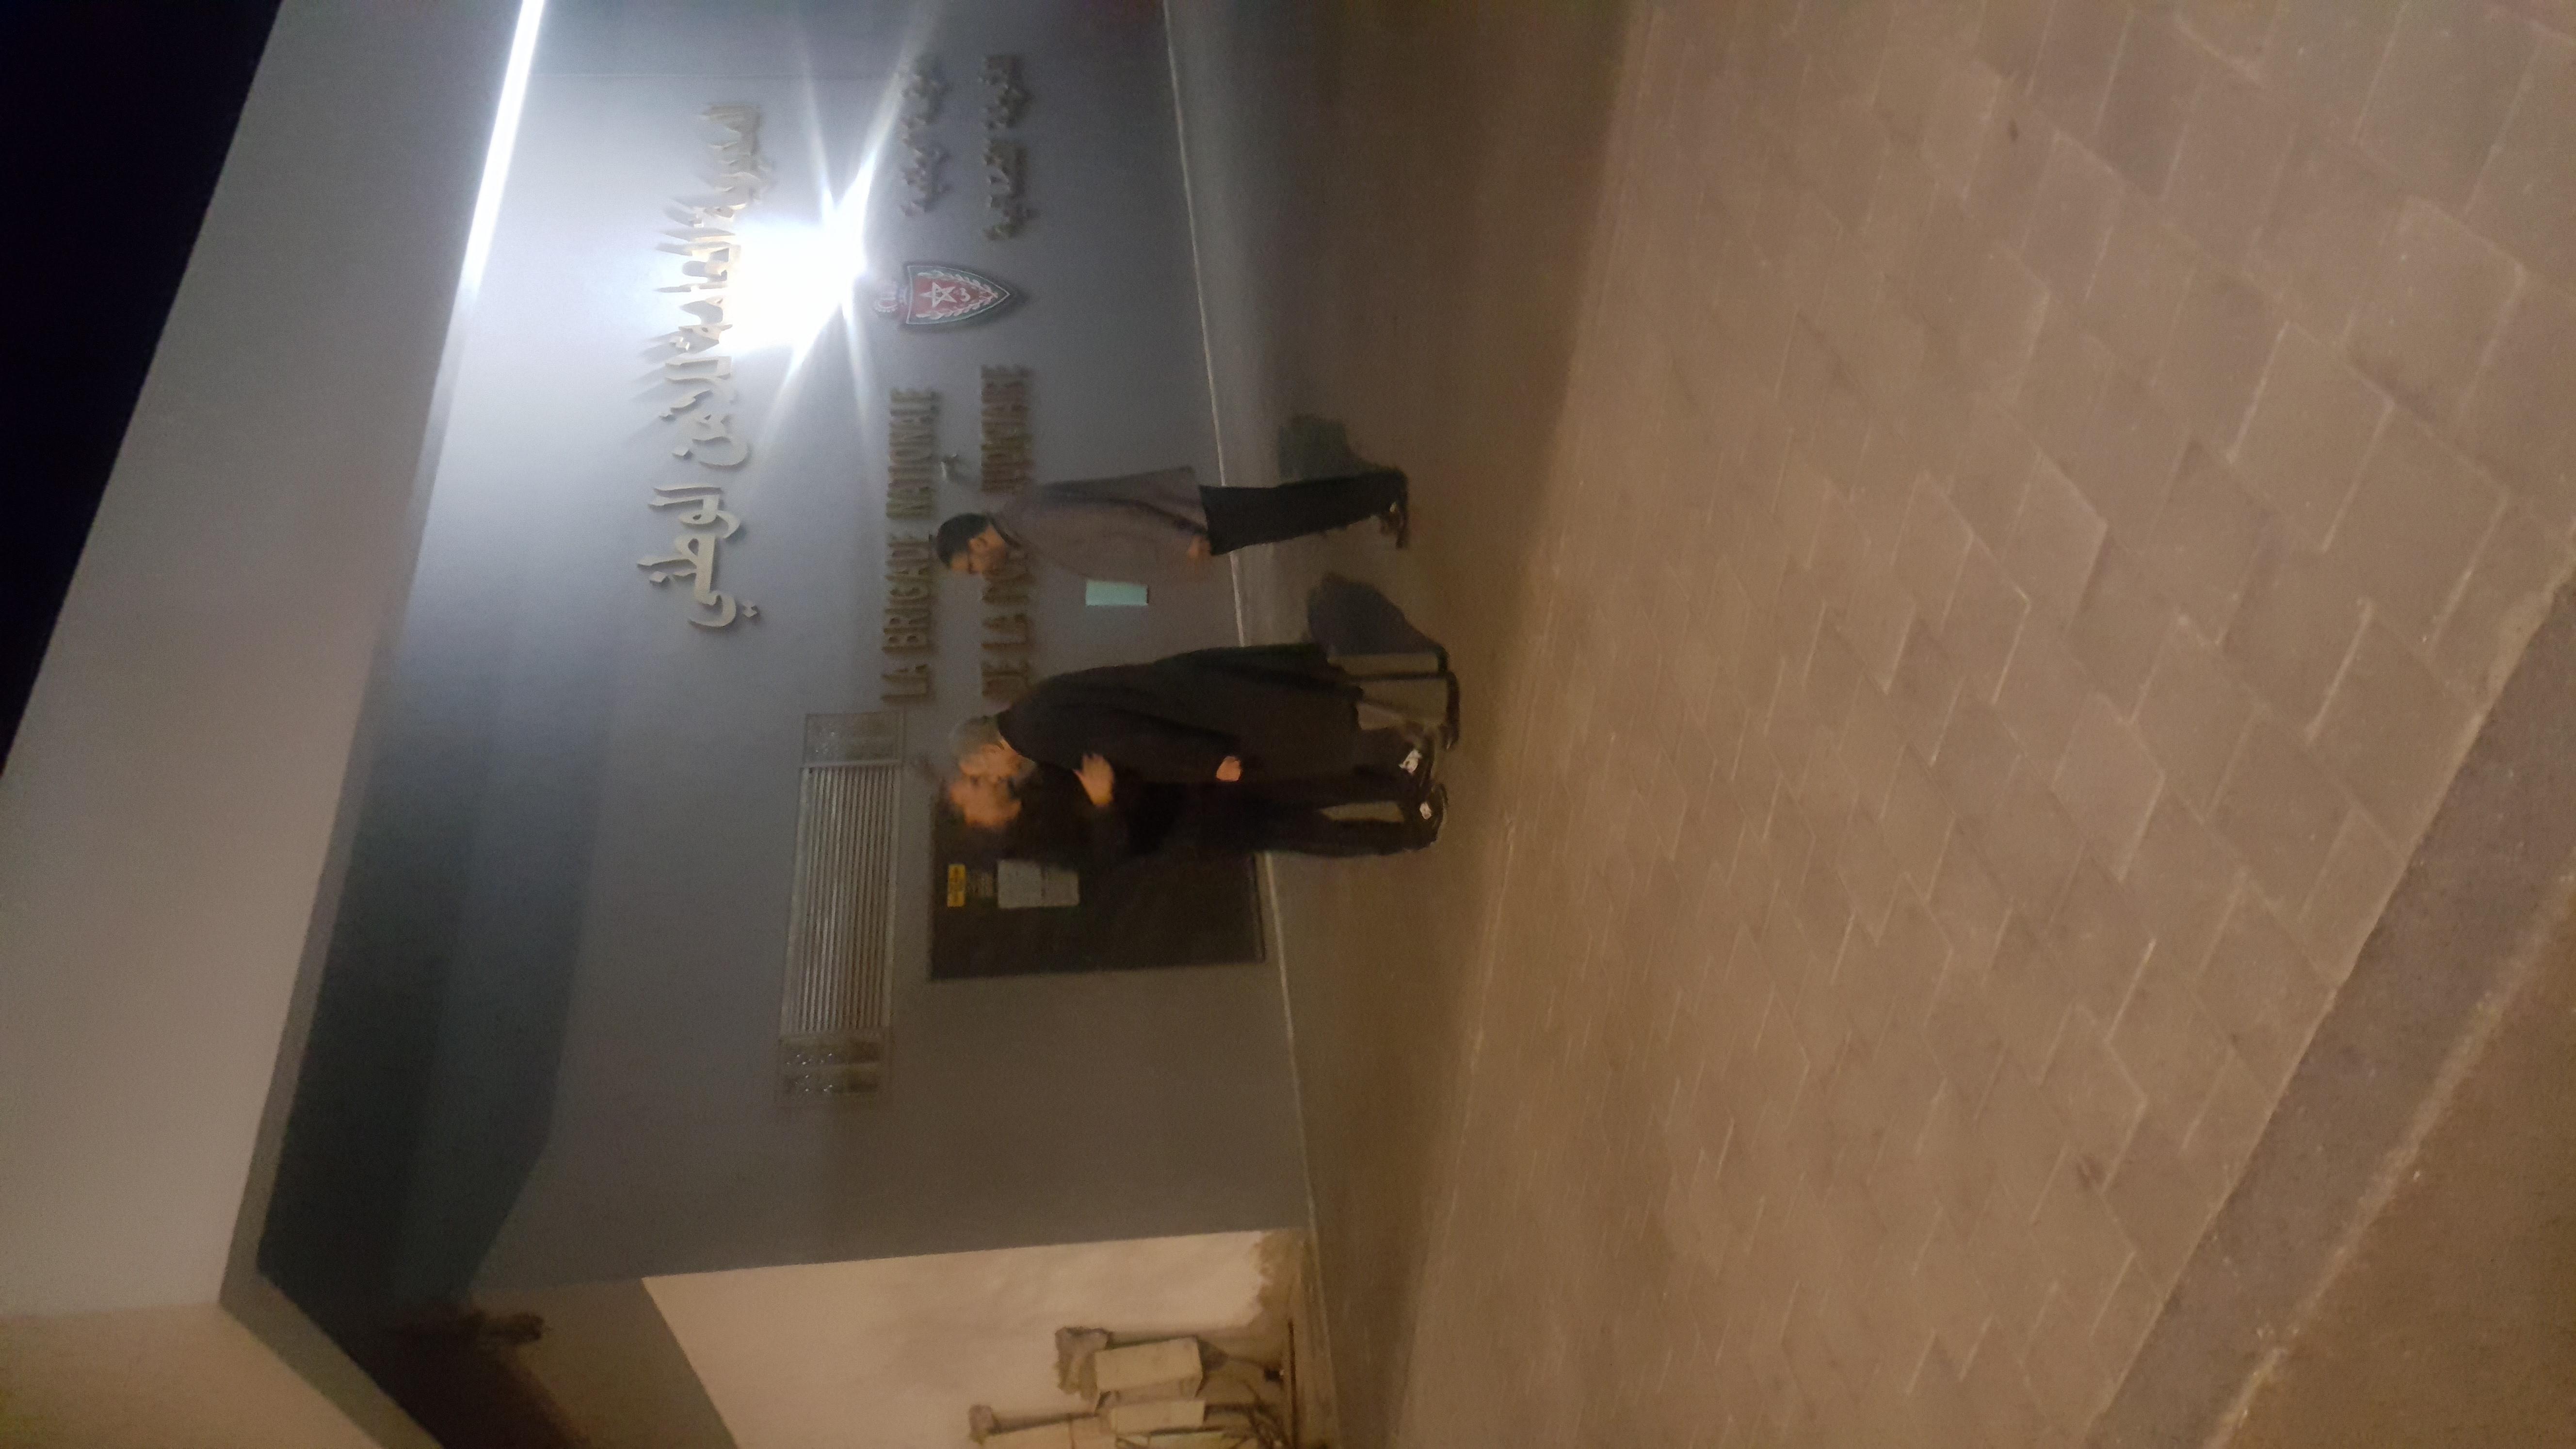 عاجل… محامون يلجون في هذه الأثناء مقر الفرقة الوطنية لملاقاة توفيق بوعشرين